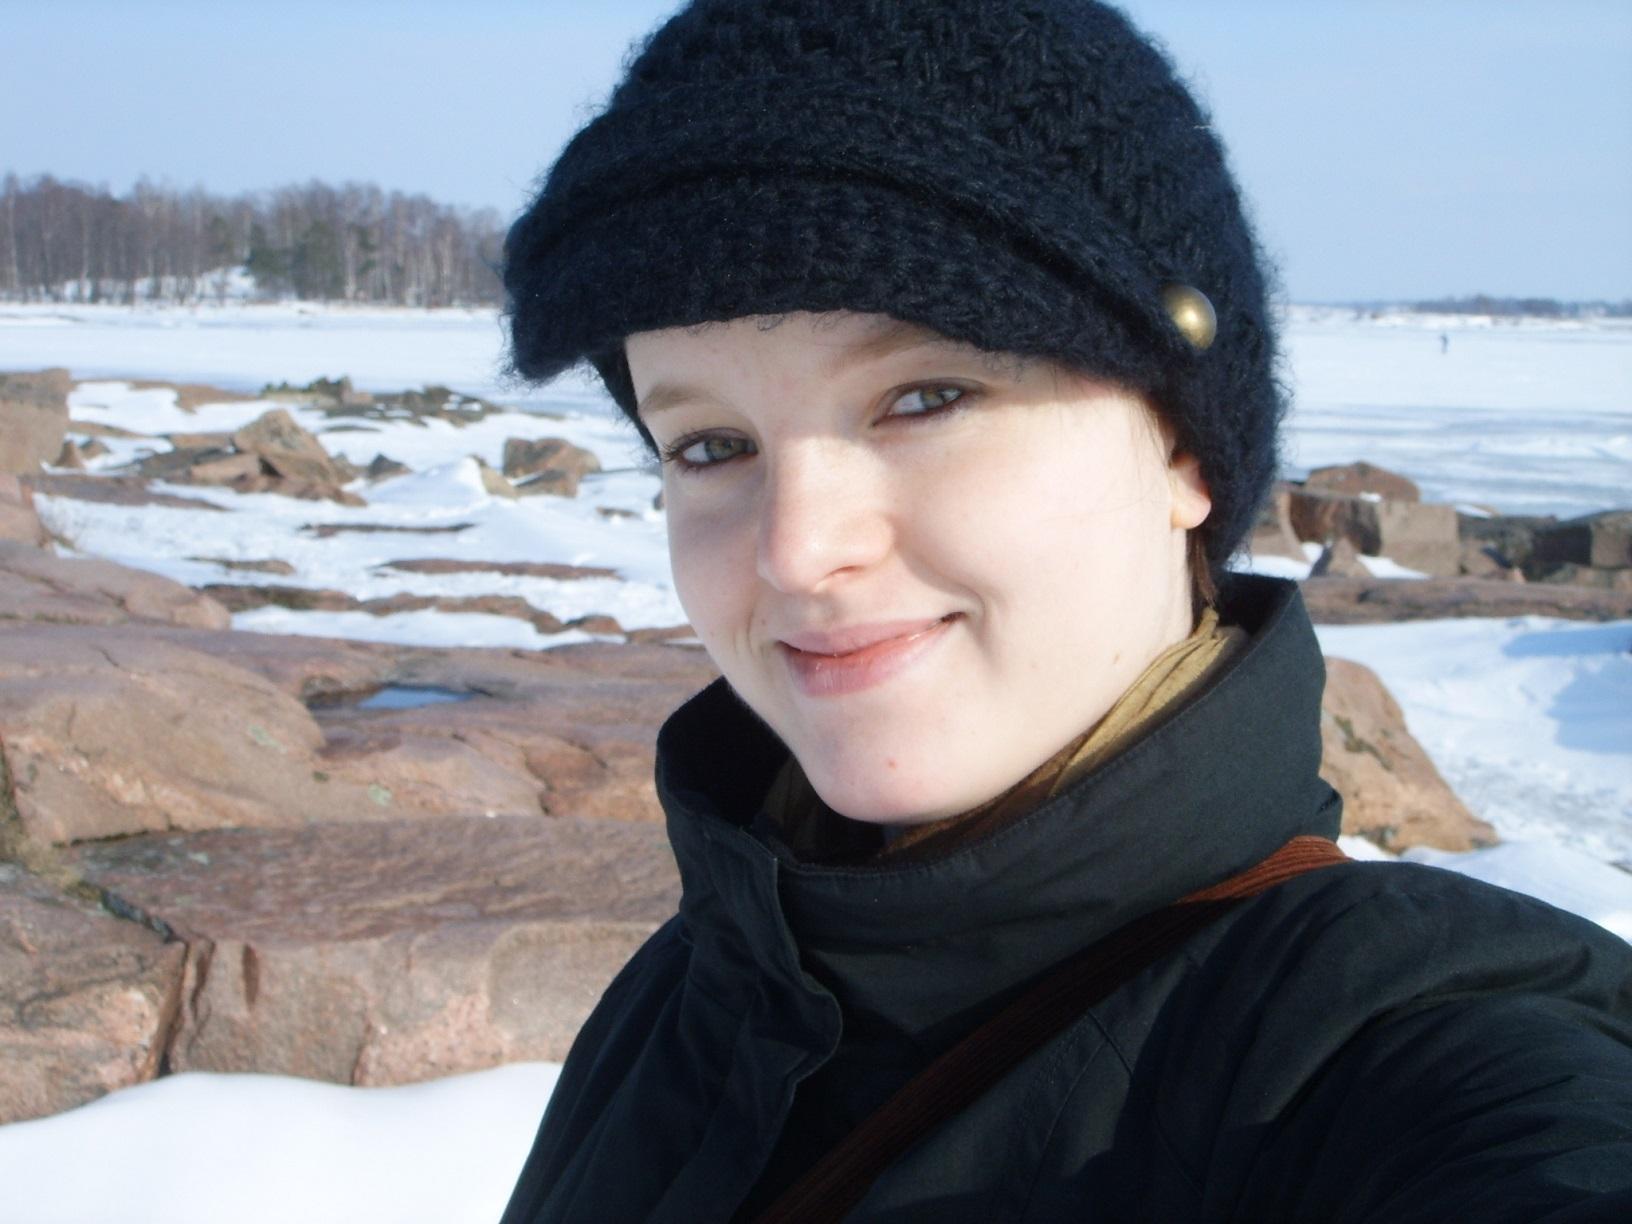 Helsinki Lauttasaari im Winter